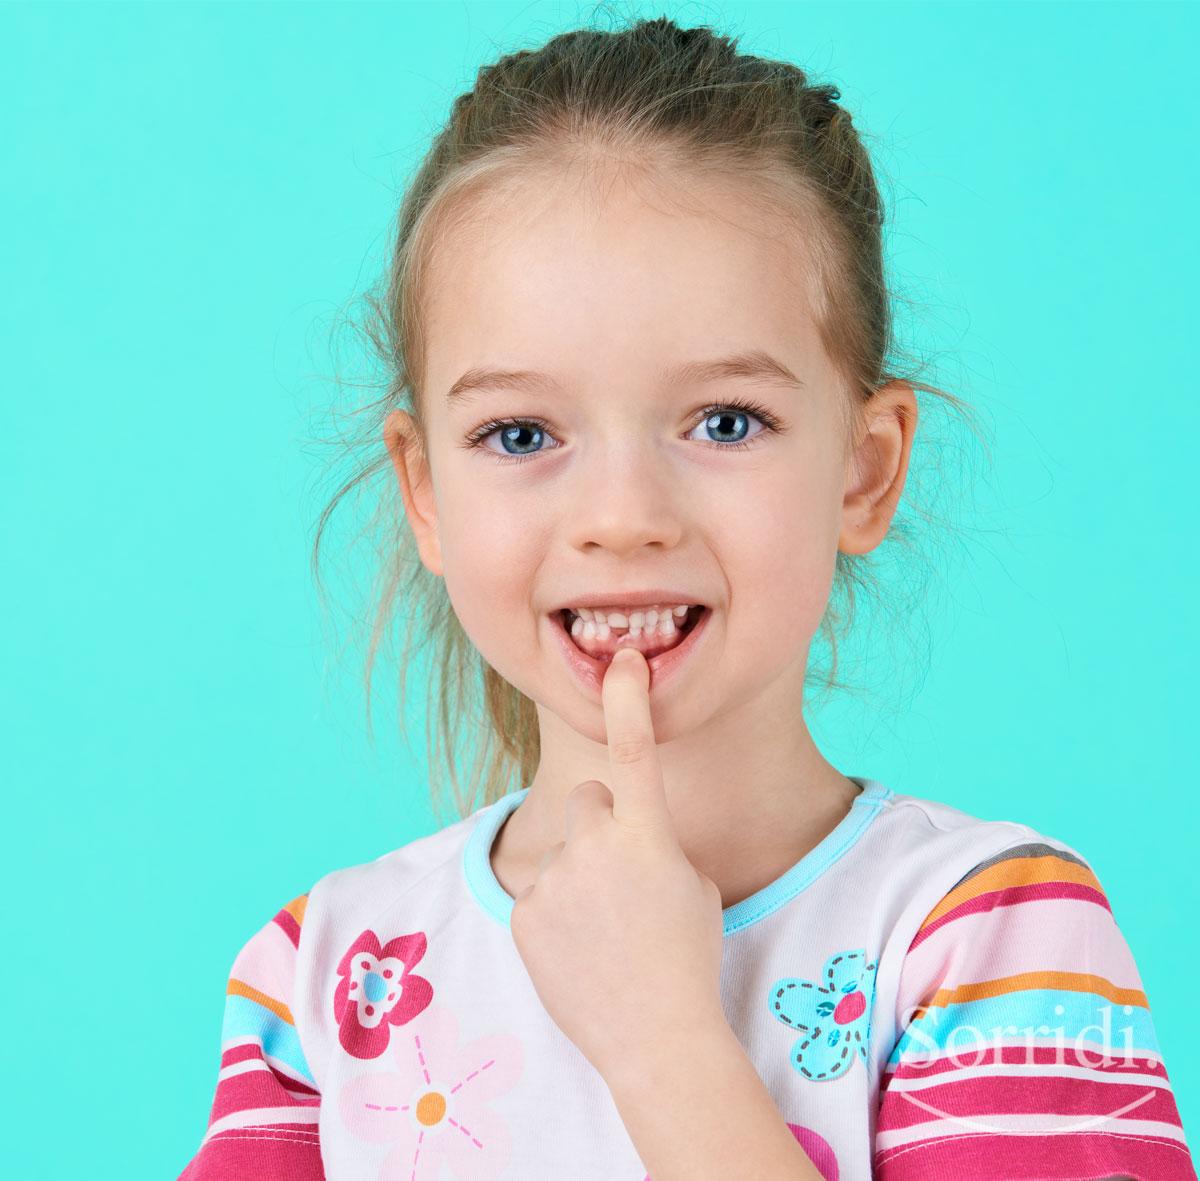 Sorridi-ch-magazine-dentizione-bambini-e-piccoli-disturbi-come-affrontarli-a-casa